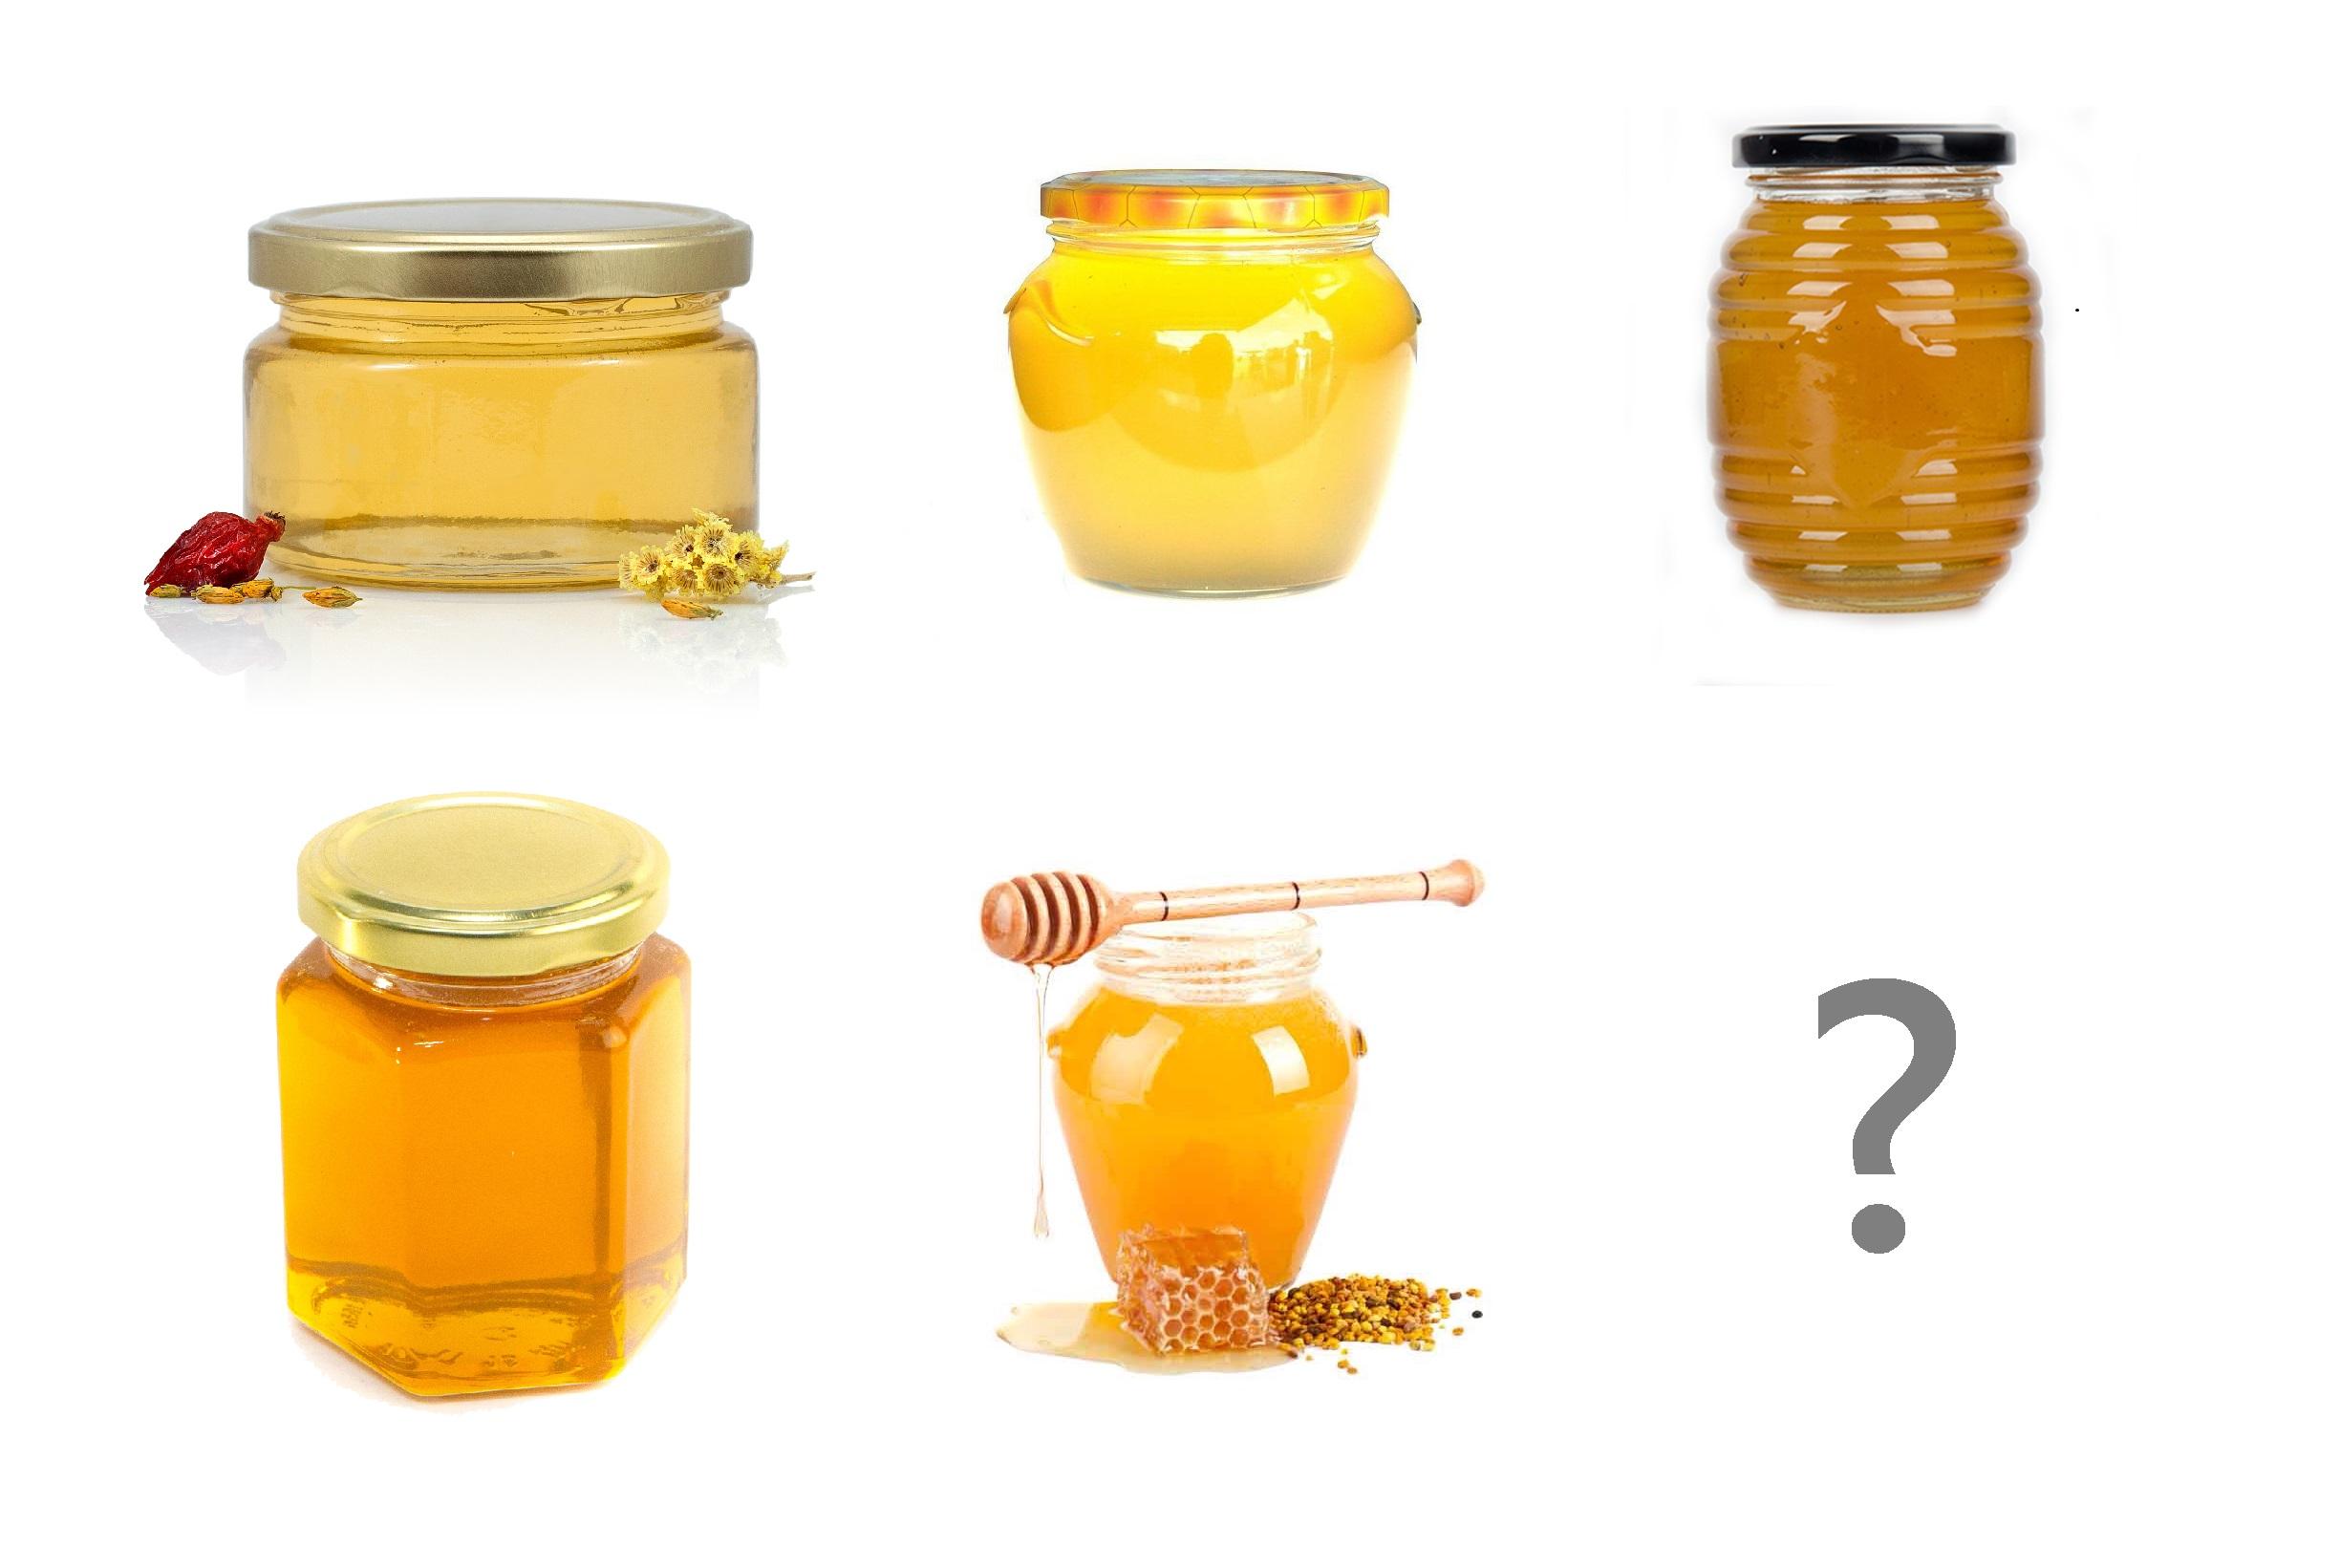 Все Про Медовый Массаж. Виды, Польза и Противопоказания. Мед для массажа -Правильный Мед